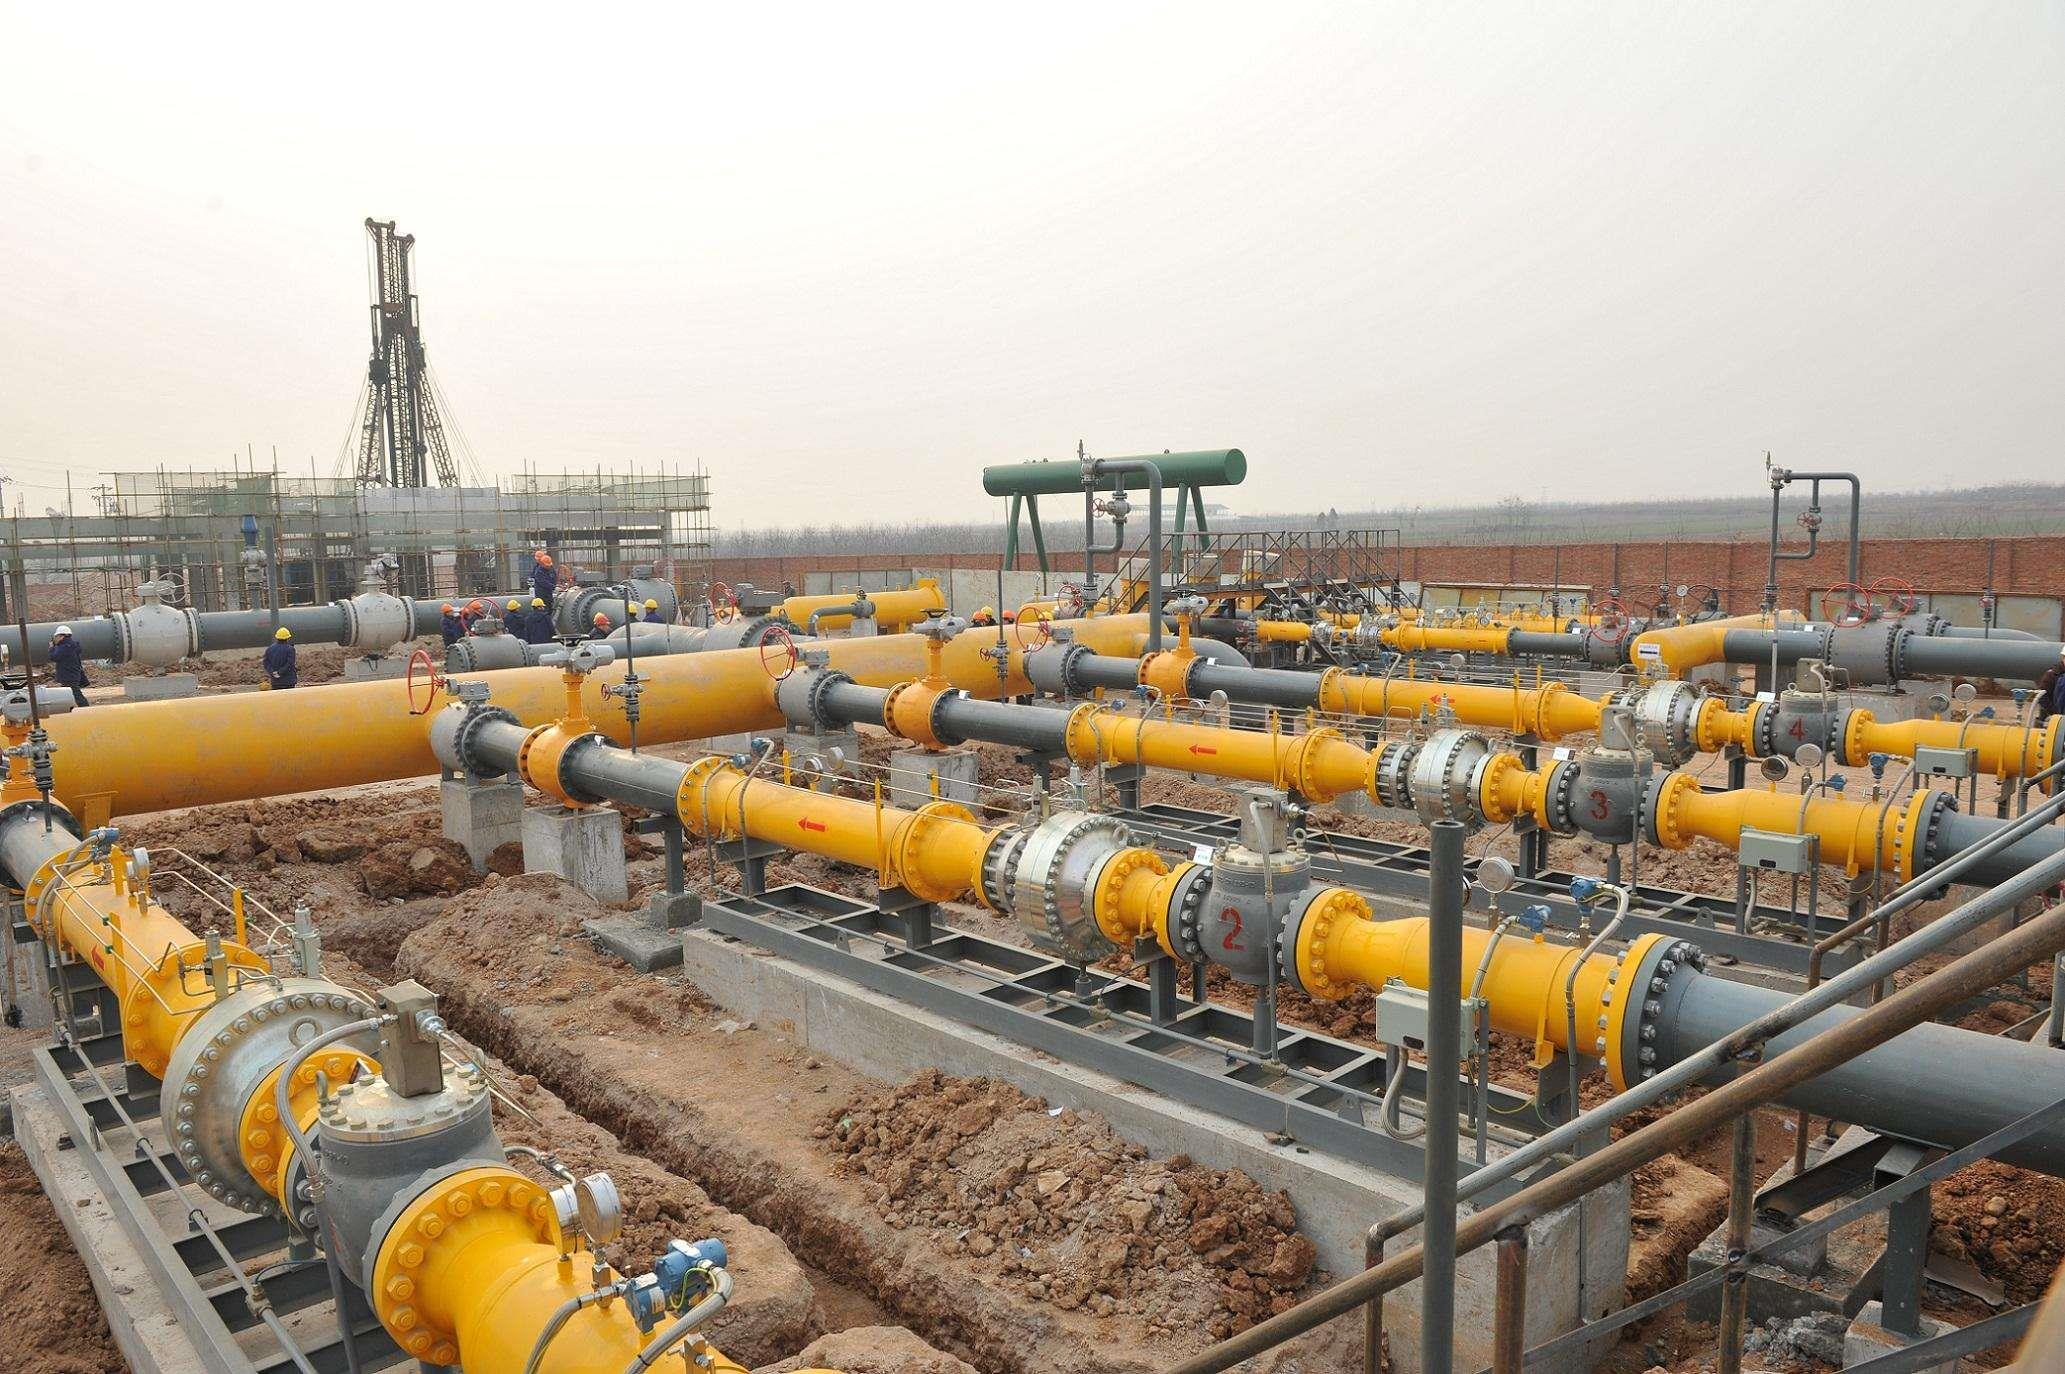 2月江苏管道天然气供应量18.6亿立方米 同比增14.8%